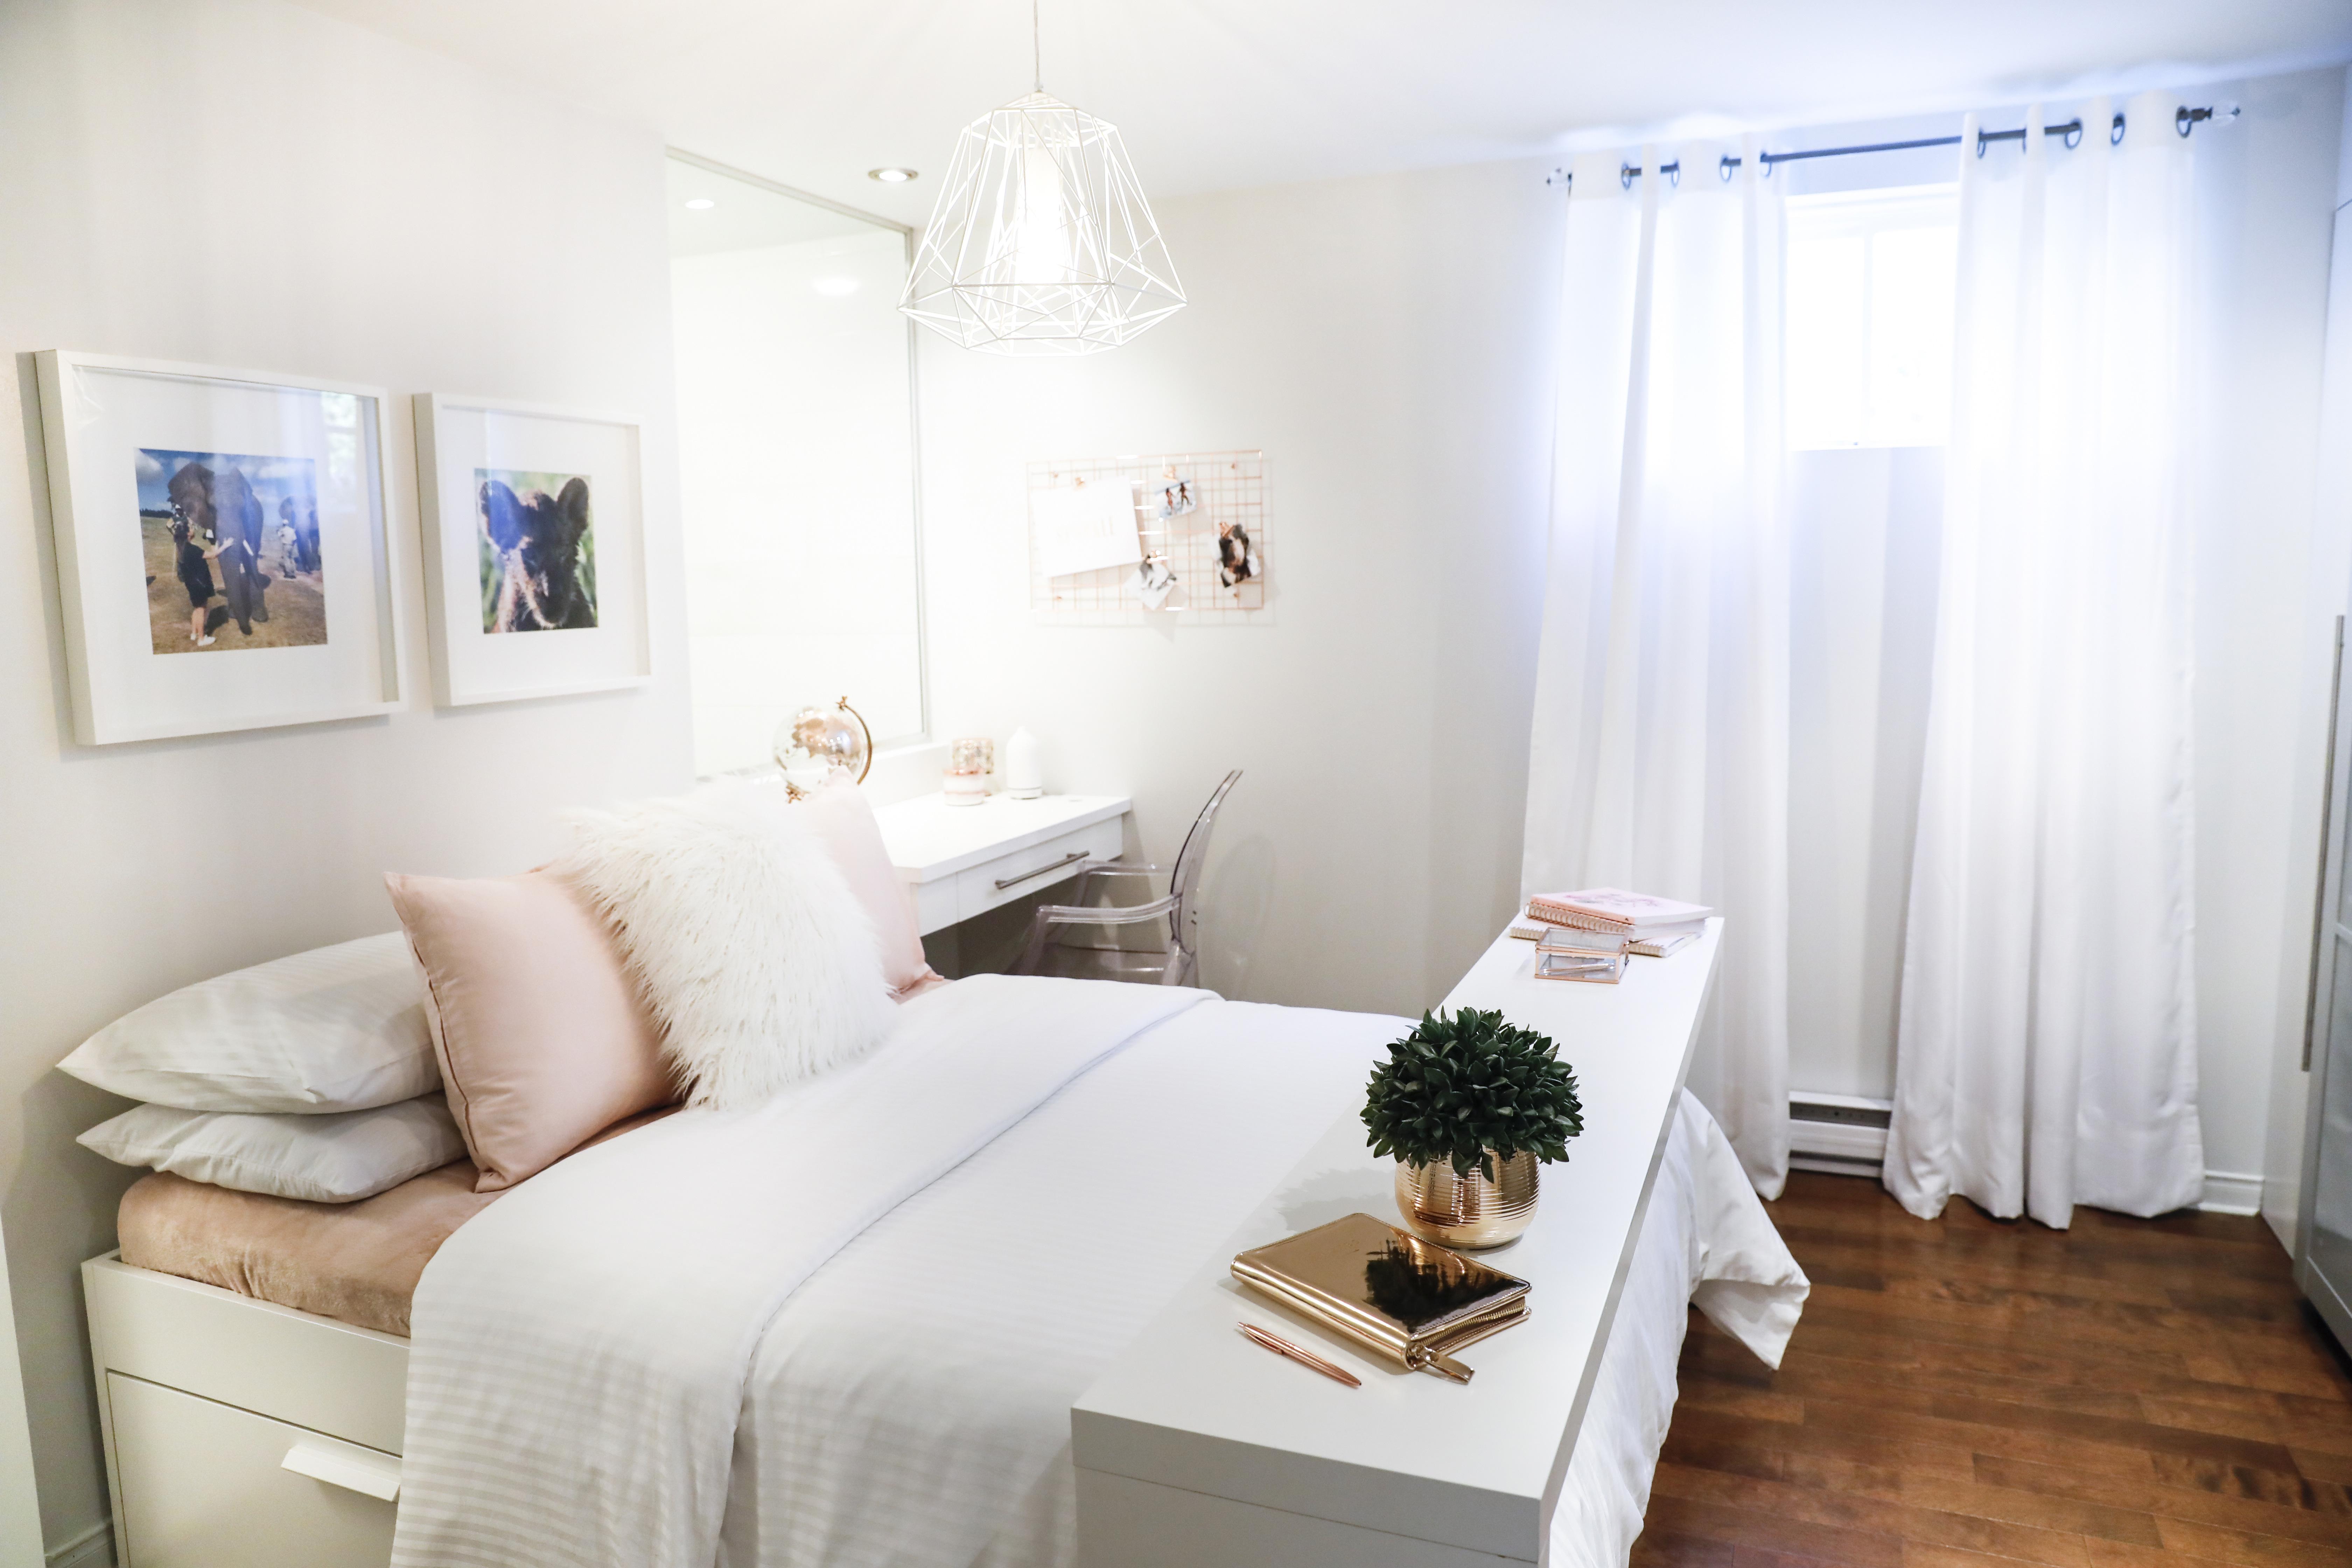 Chambre à coucher de style loft - La Zone Design